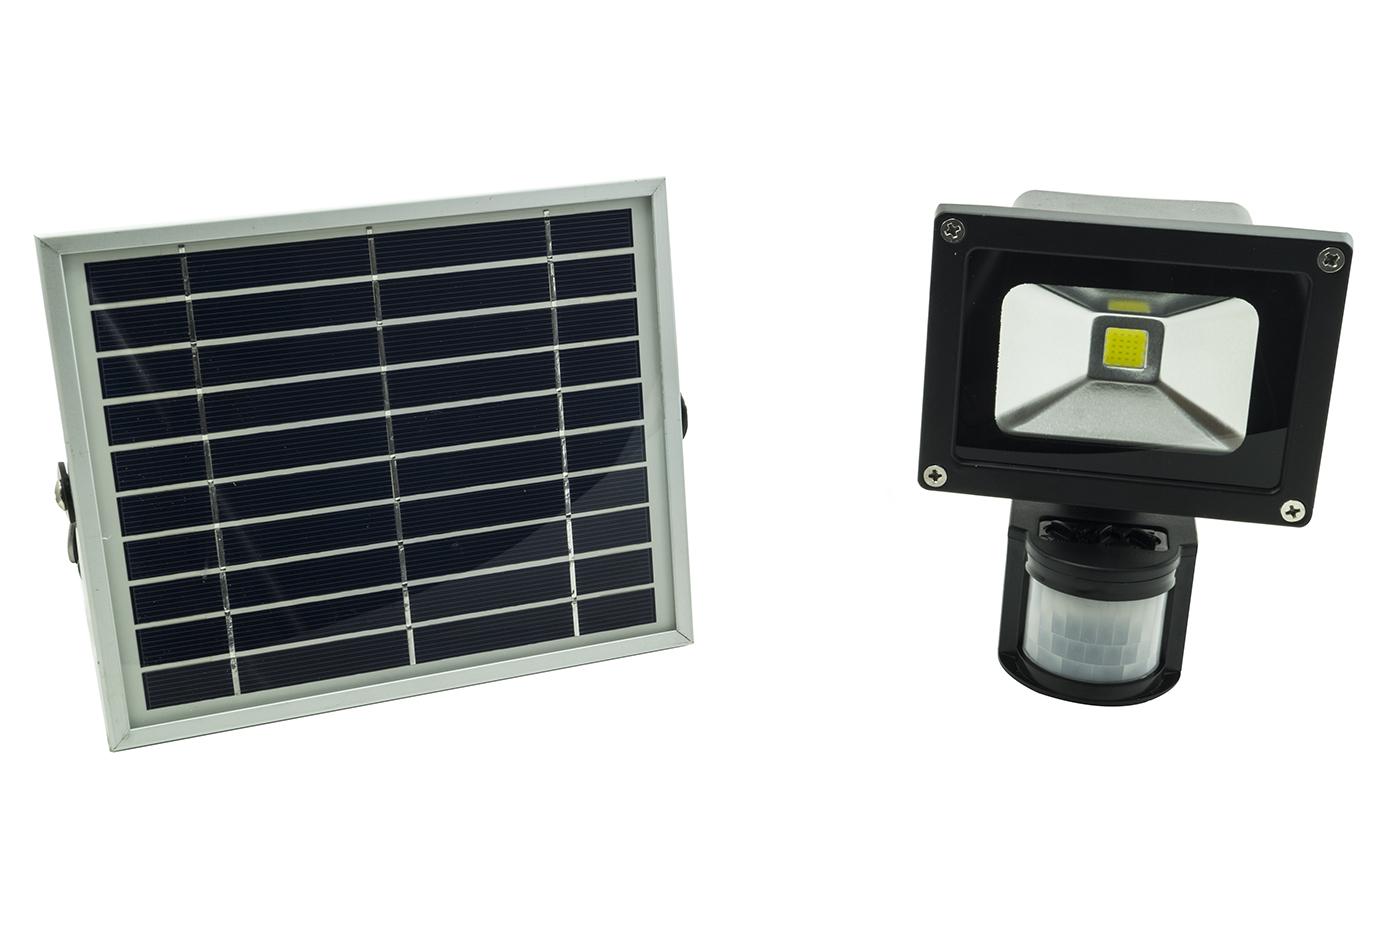 Kit illuminazione esterna illuminazione smart per esterni philips